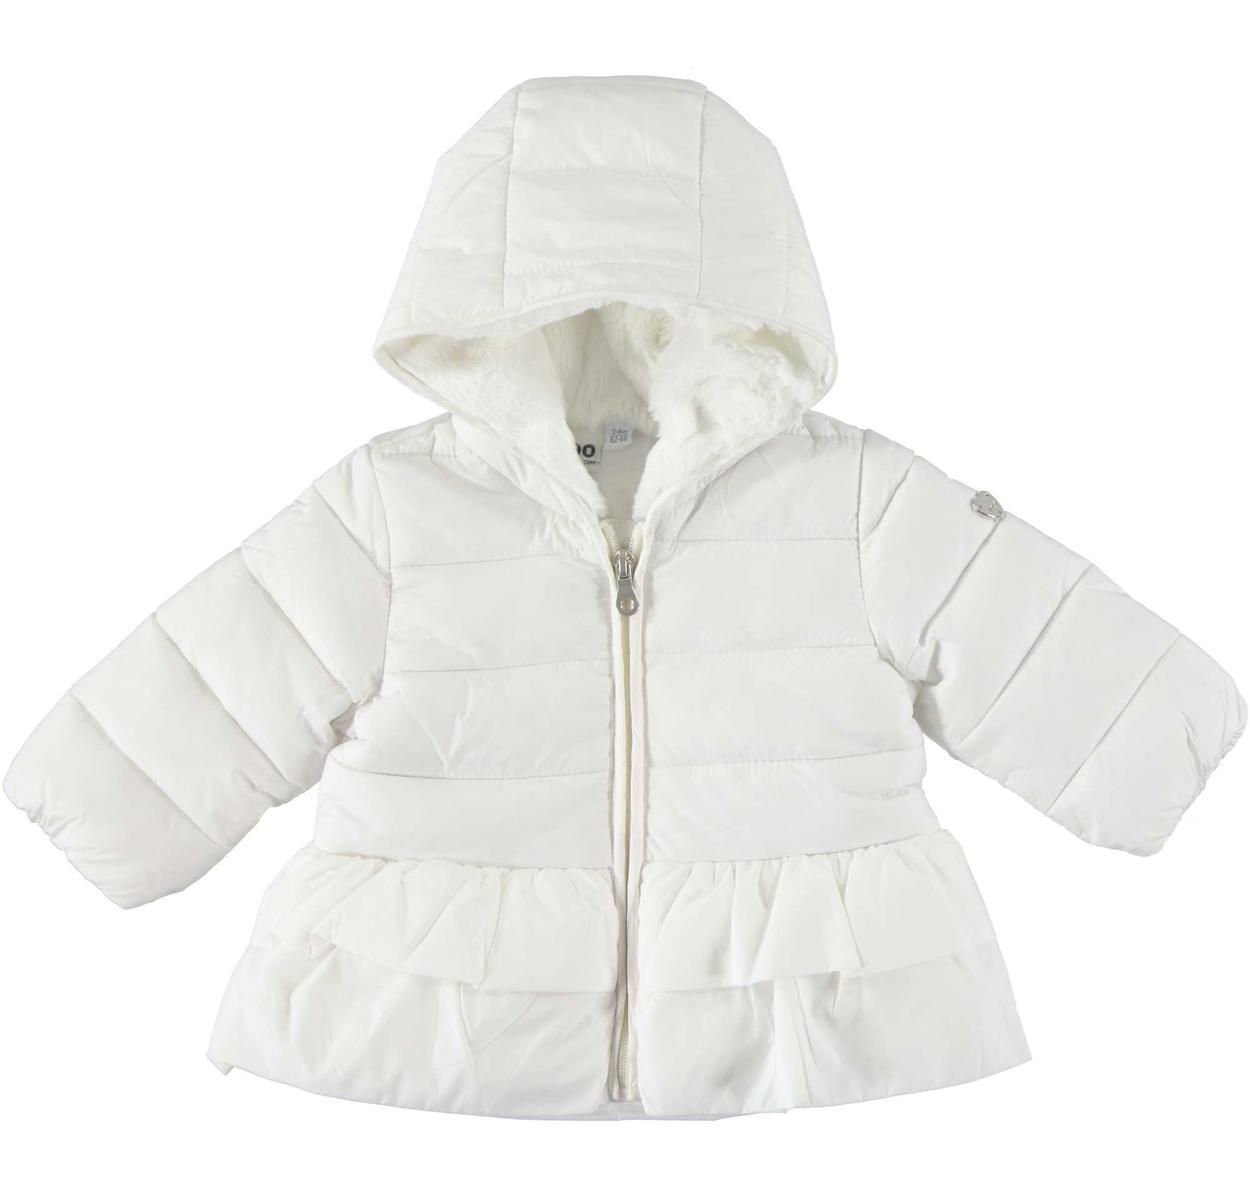 new concept 3bee7 efa6c Piumino invernale trapuntato in caldo nylon per neonata da 0 a 18 mesi iDO